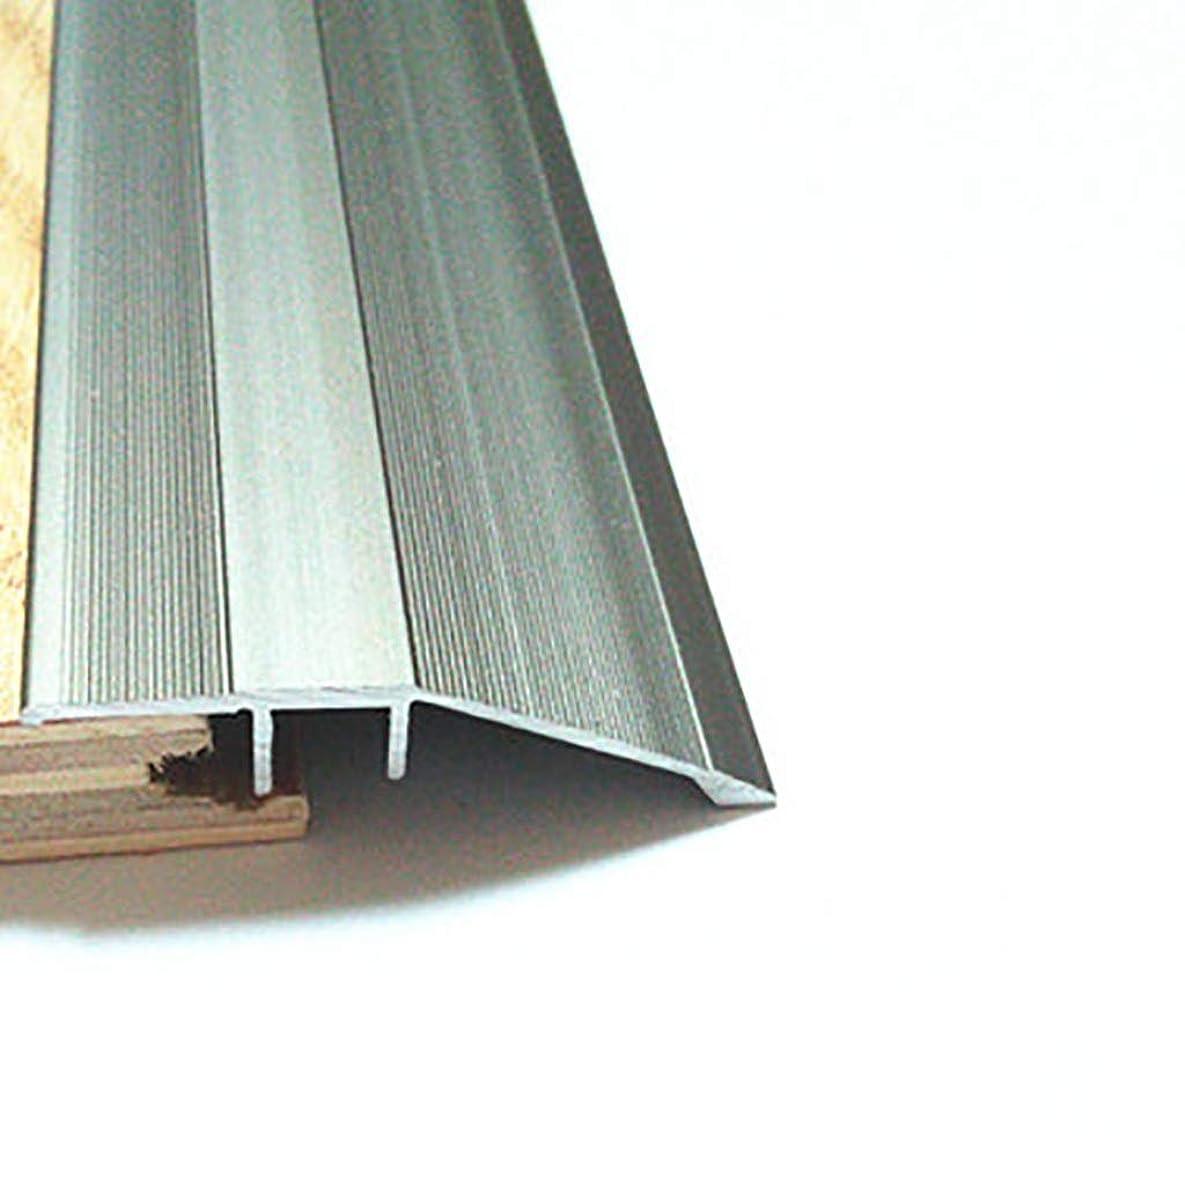 予防接種するアクティビティキリストしきい値ストリップ しきい値アルミニウム合金高低バックル斜辺セラミックタイル木製の床ドアストリップブランキングストリップ (色 : A)